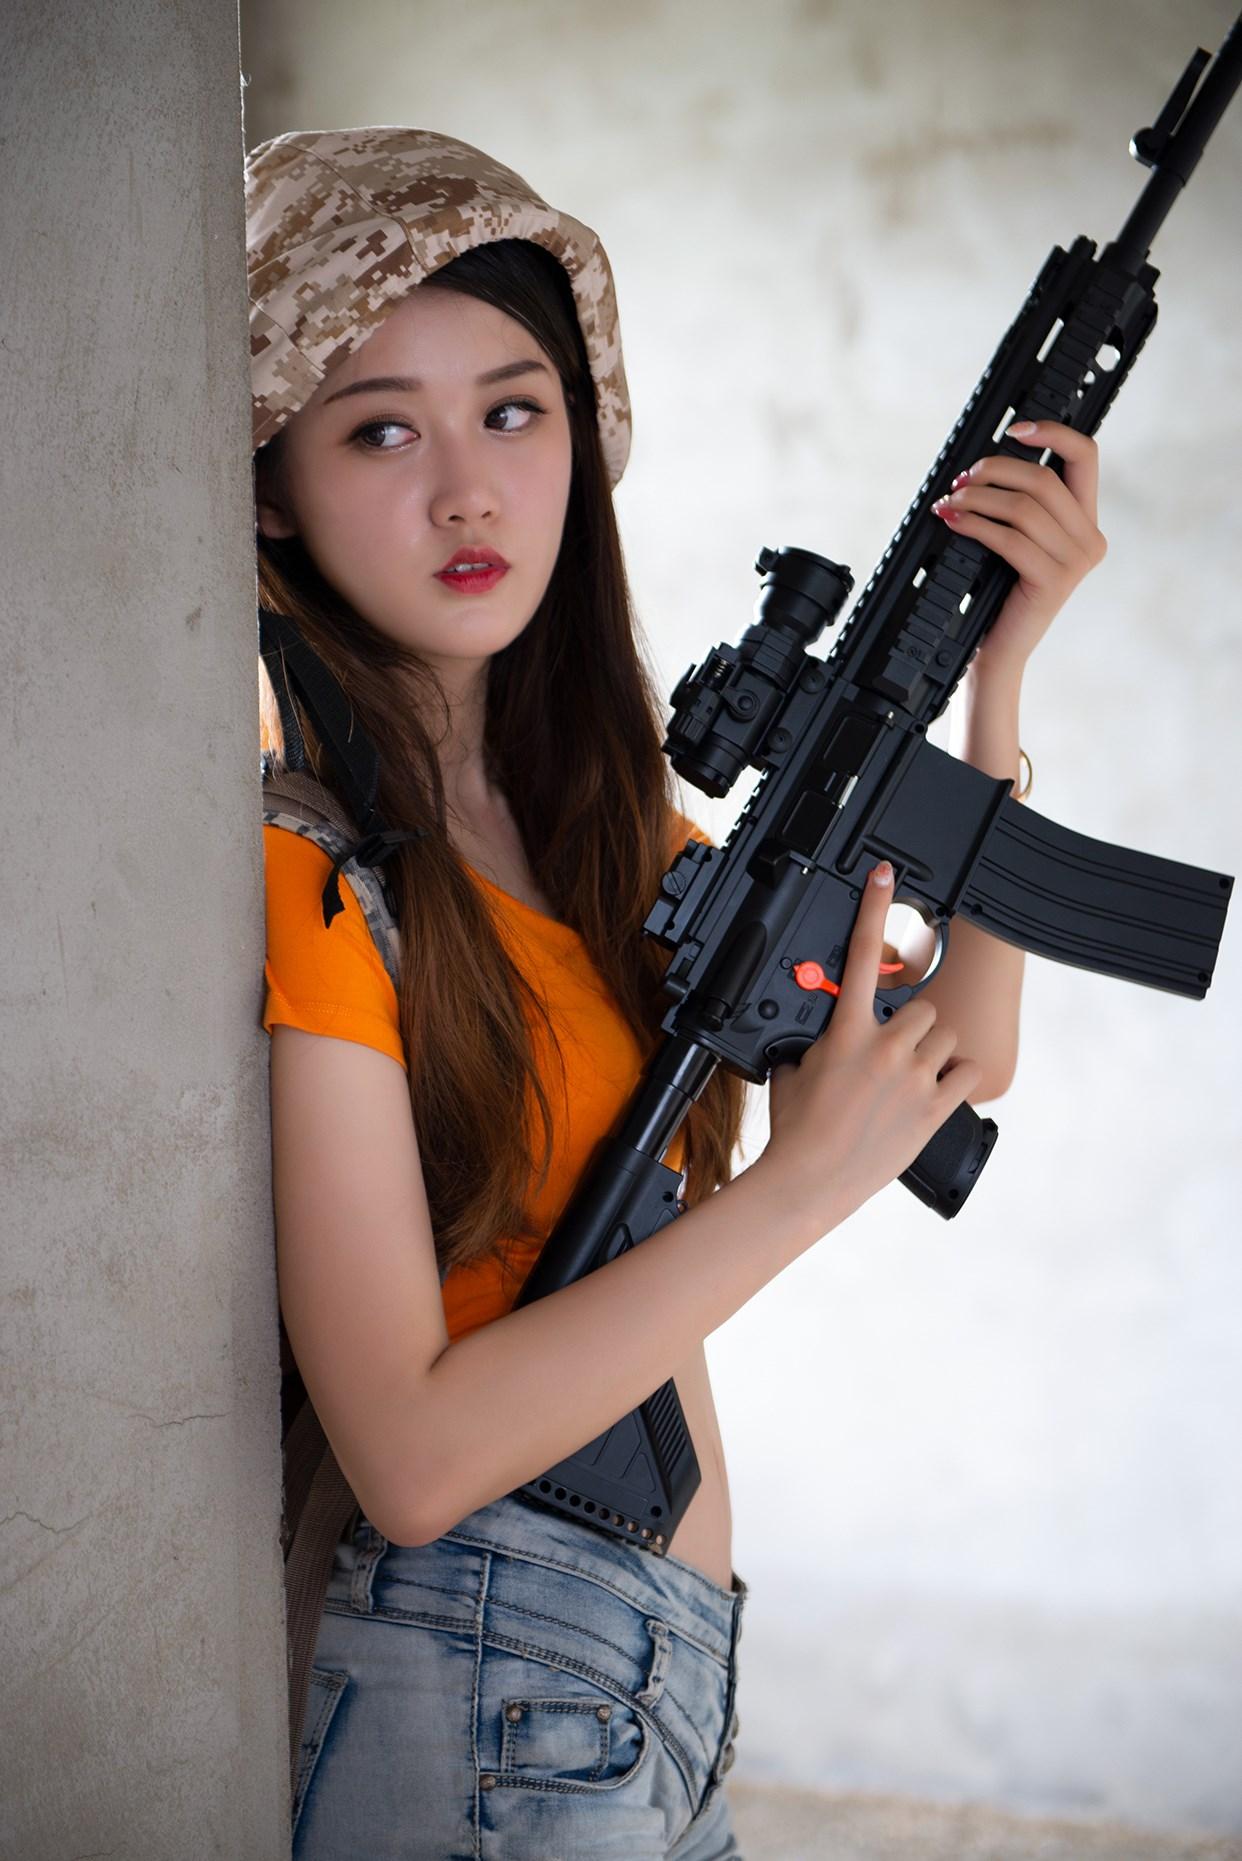 【兔玩映画】狙击少女 兔玩映画 第13张